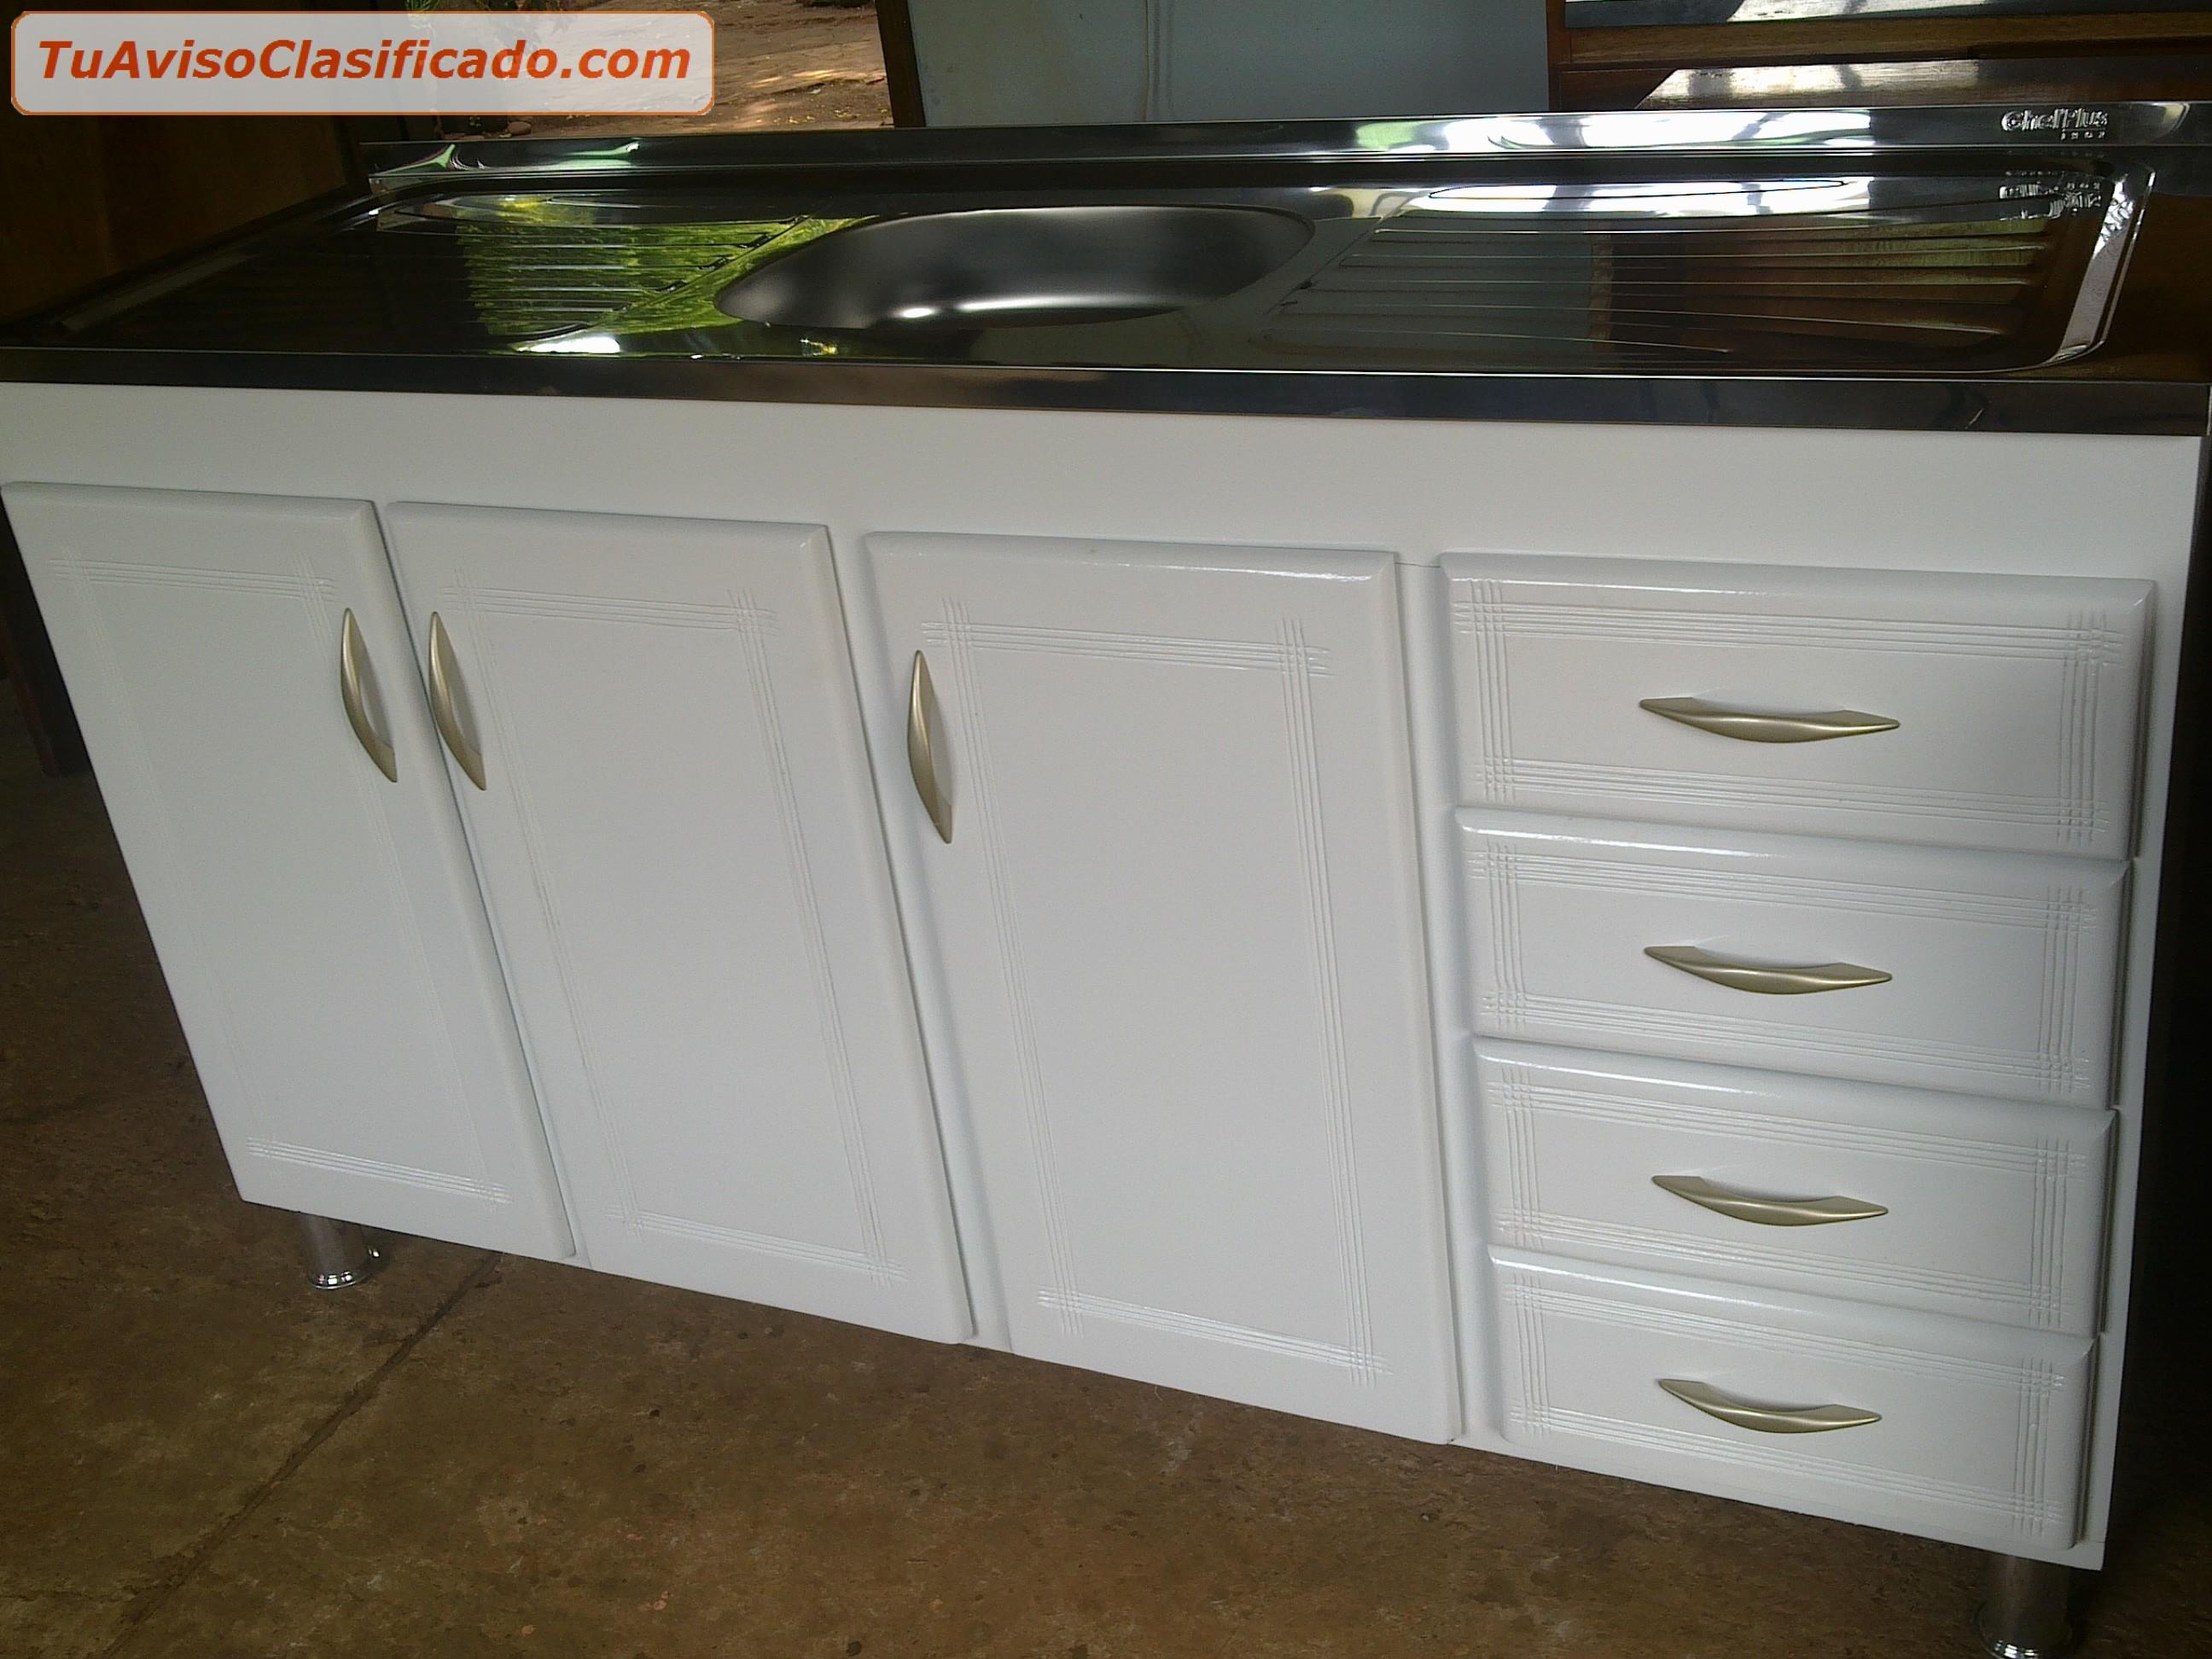 Cocina fabricacion e instalacion completa mobiliario for Ver muebles para cocina